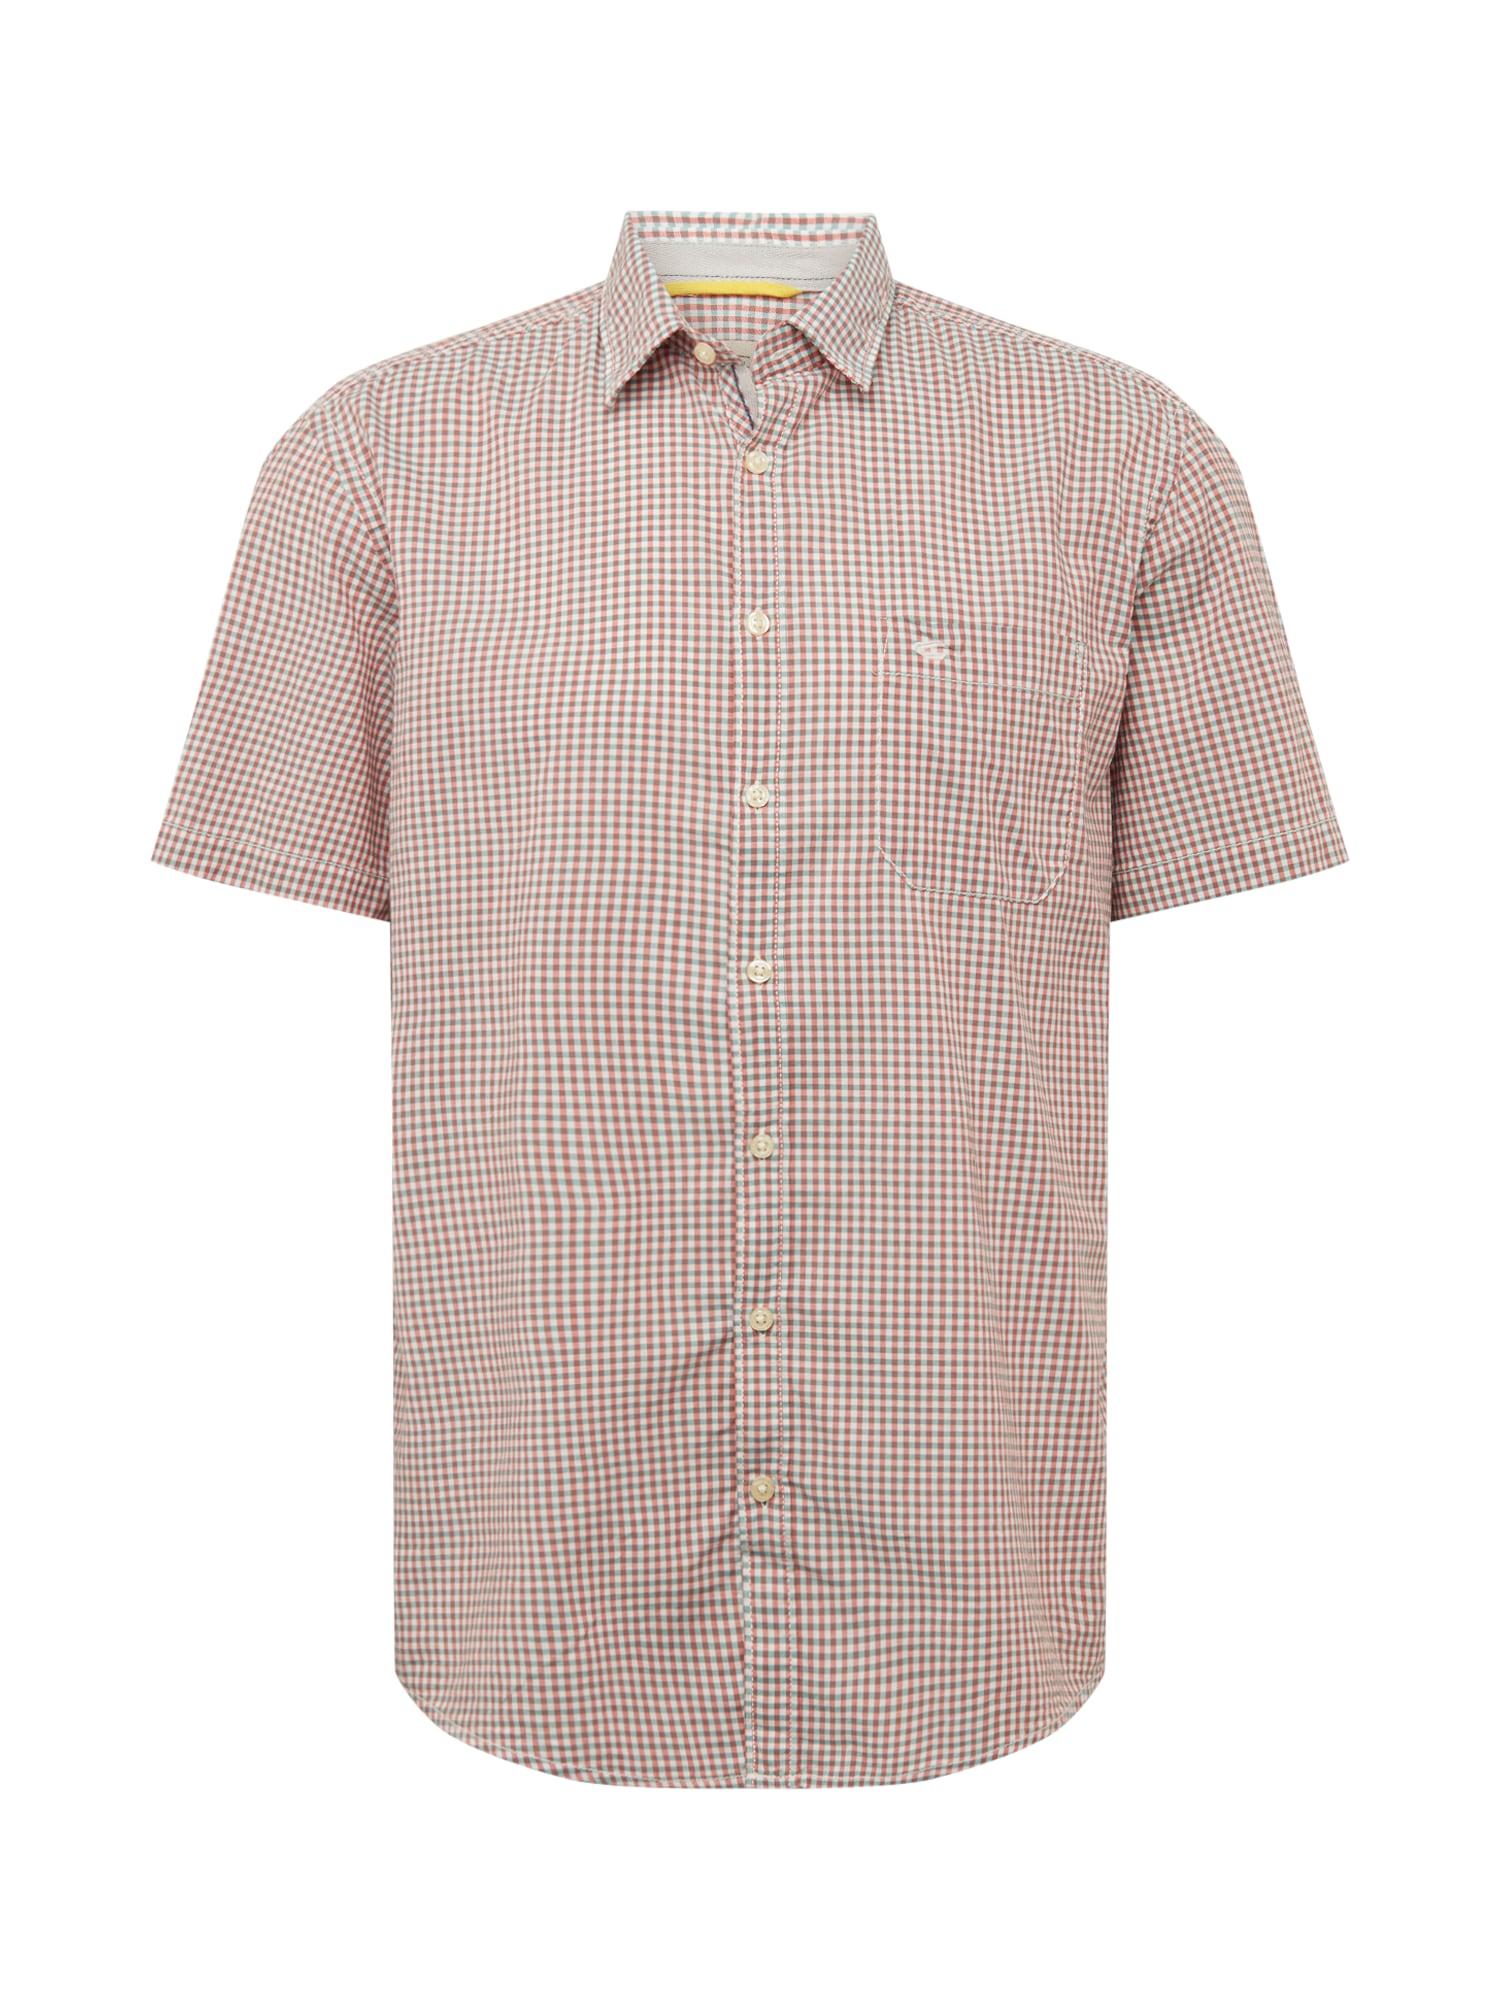 CAMEL ACTIVE Marškiniai pastelinė rožinė / balta / uogų spalva